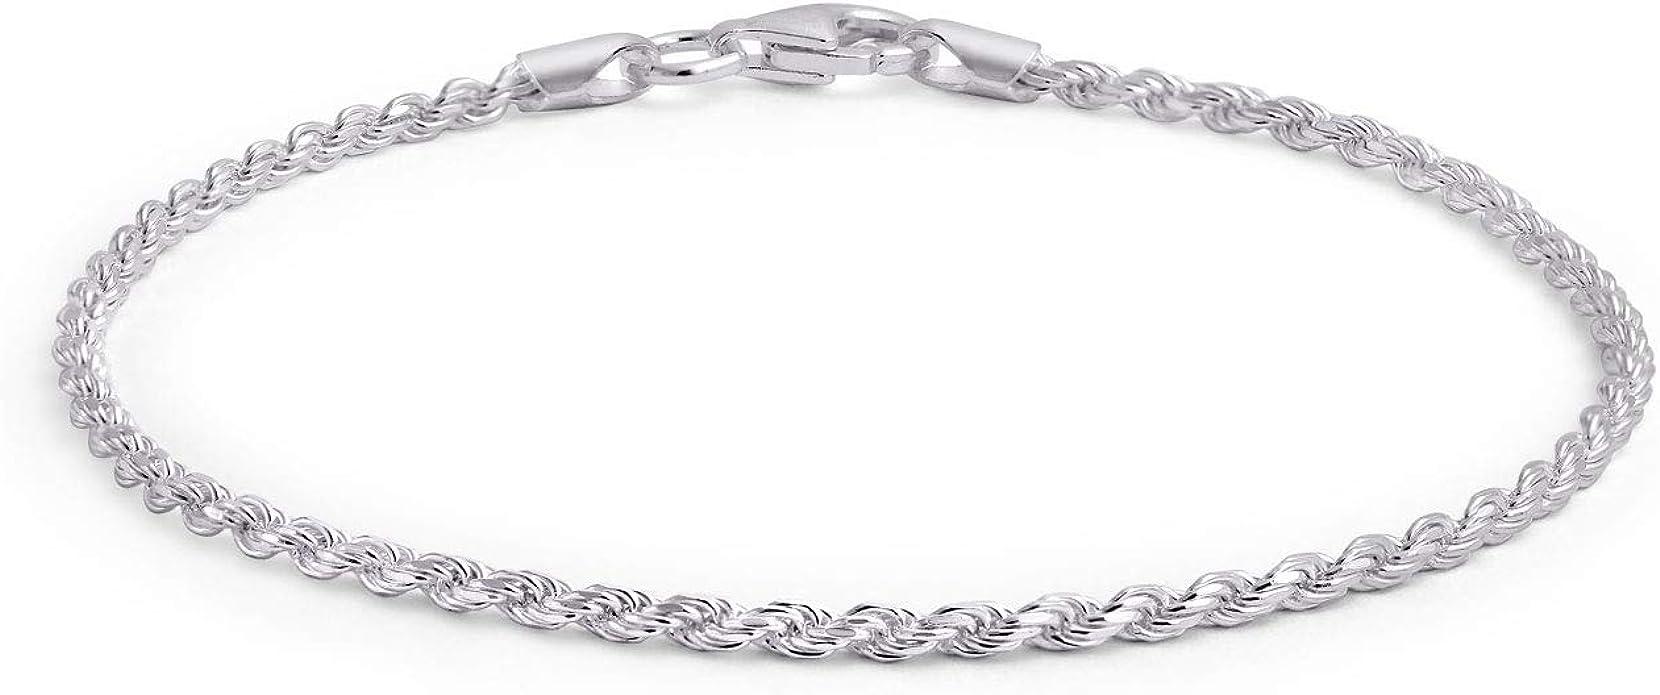 Bracelet for girls 925 silver bracelet